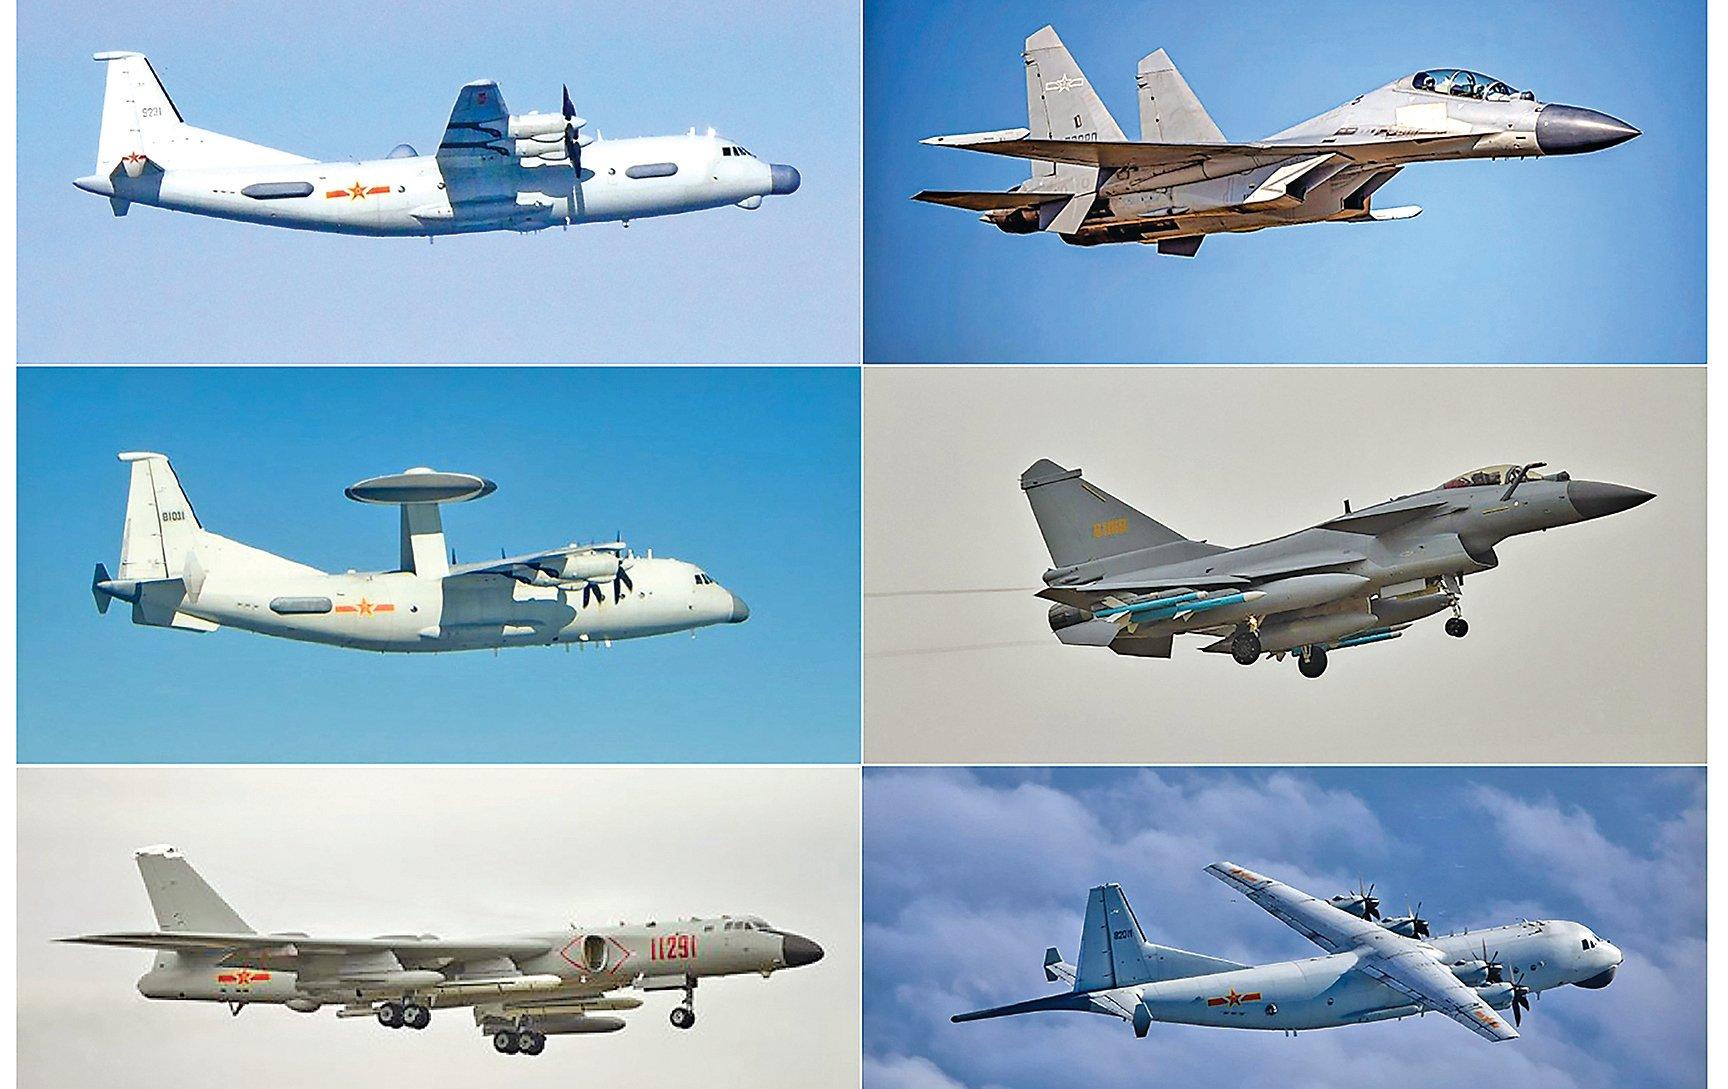 中共近年挾著經濟及軍事力量對周邊國家不斷擴權,企圖以恫嚇或威懾手段達成其外交或軍事目的。6月15日,在G7和北約相繼強硬表態後,中共出動28架軍機企圖恐嚇台灣,包括14架殲16戰機(右上)、6架殲11戰機(右中)、1架運8反潛機(右下)、1架運8電子干擾機(左上)、2架空警500預警機(左中)及4架轟6轟炸機(左下)。(台灣國防部)